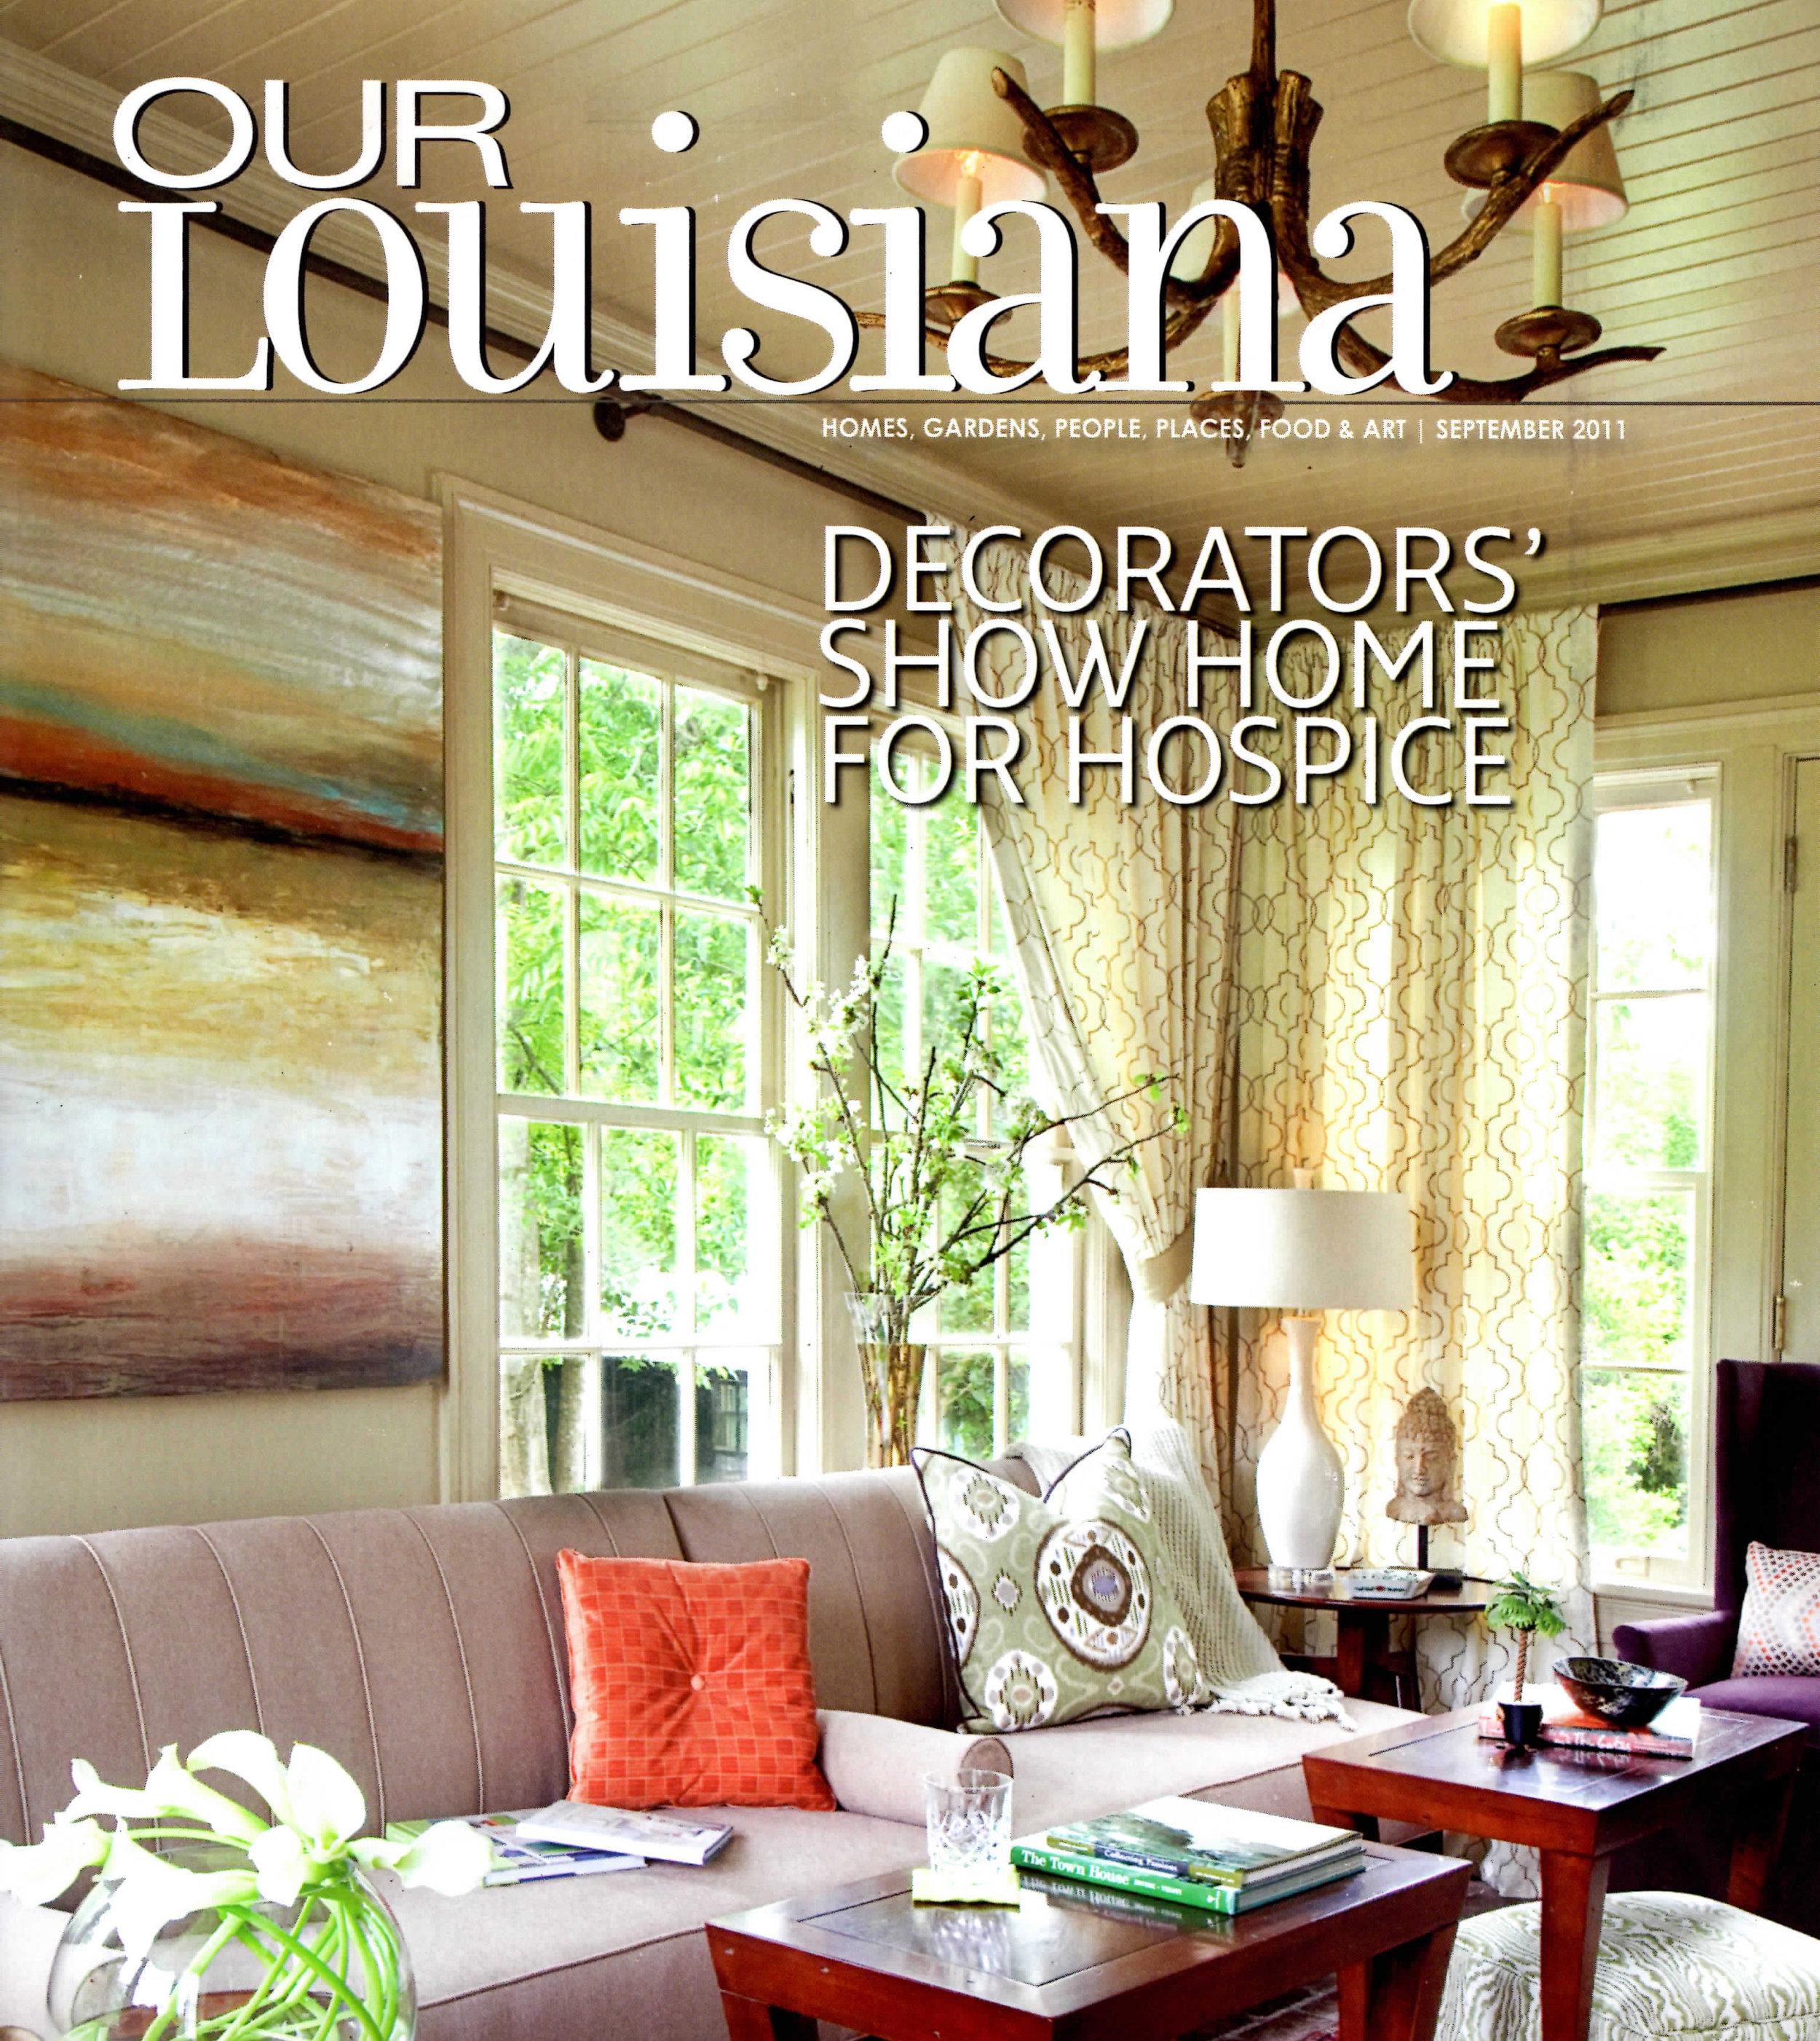 Our Louisiana September 2011